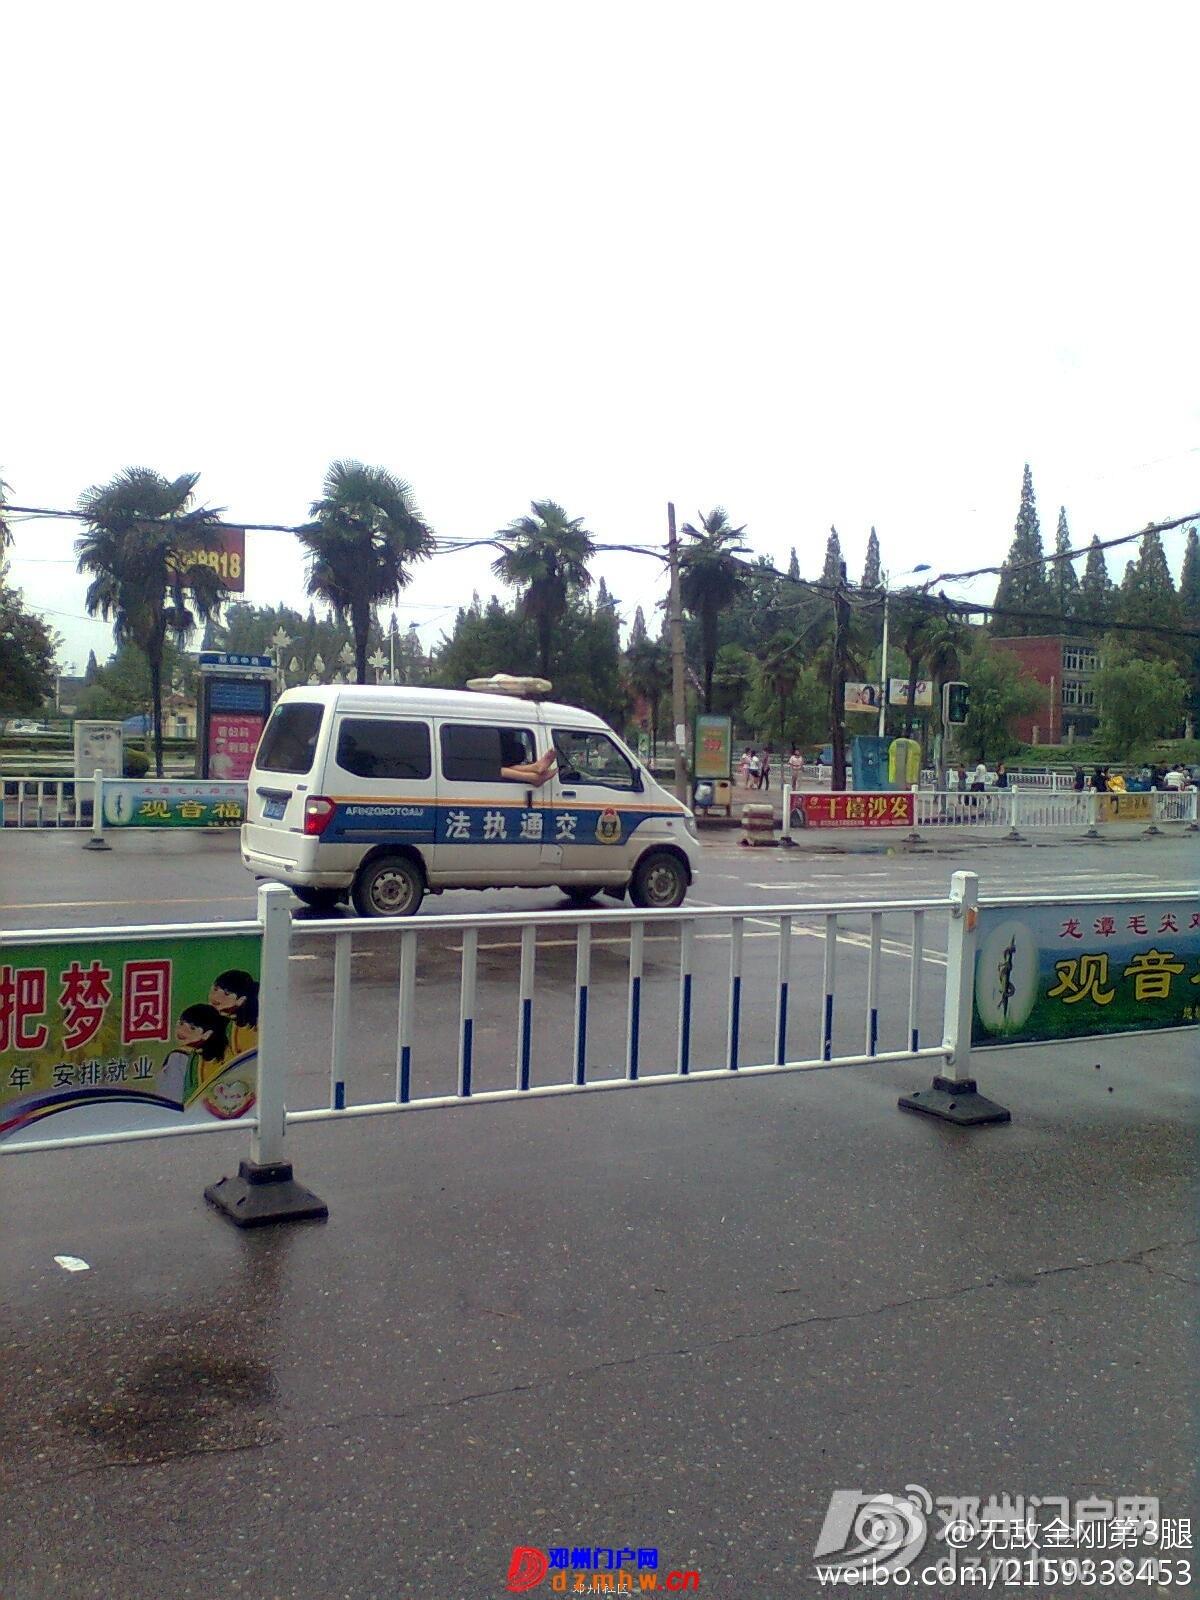 超给力的邓州交通执法车,当时我就吓傻了 - 邓州门户网|邓州网 - 1.jpg